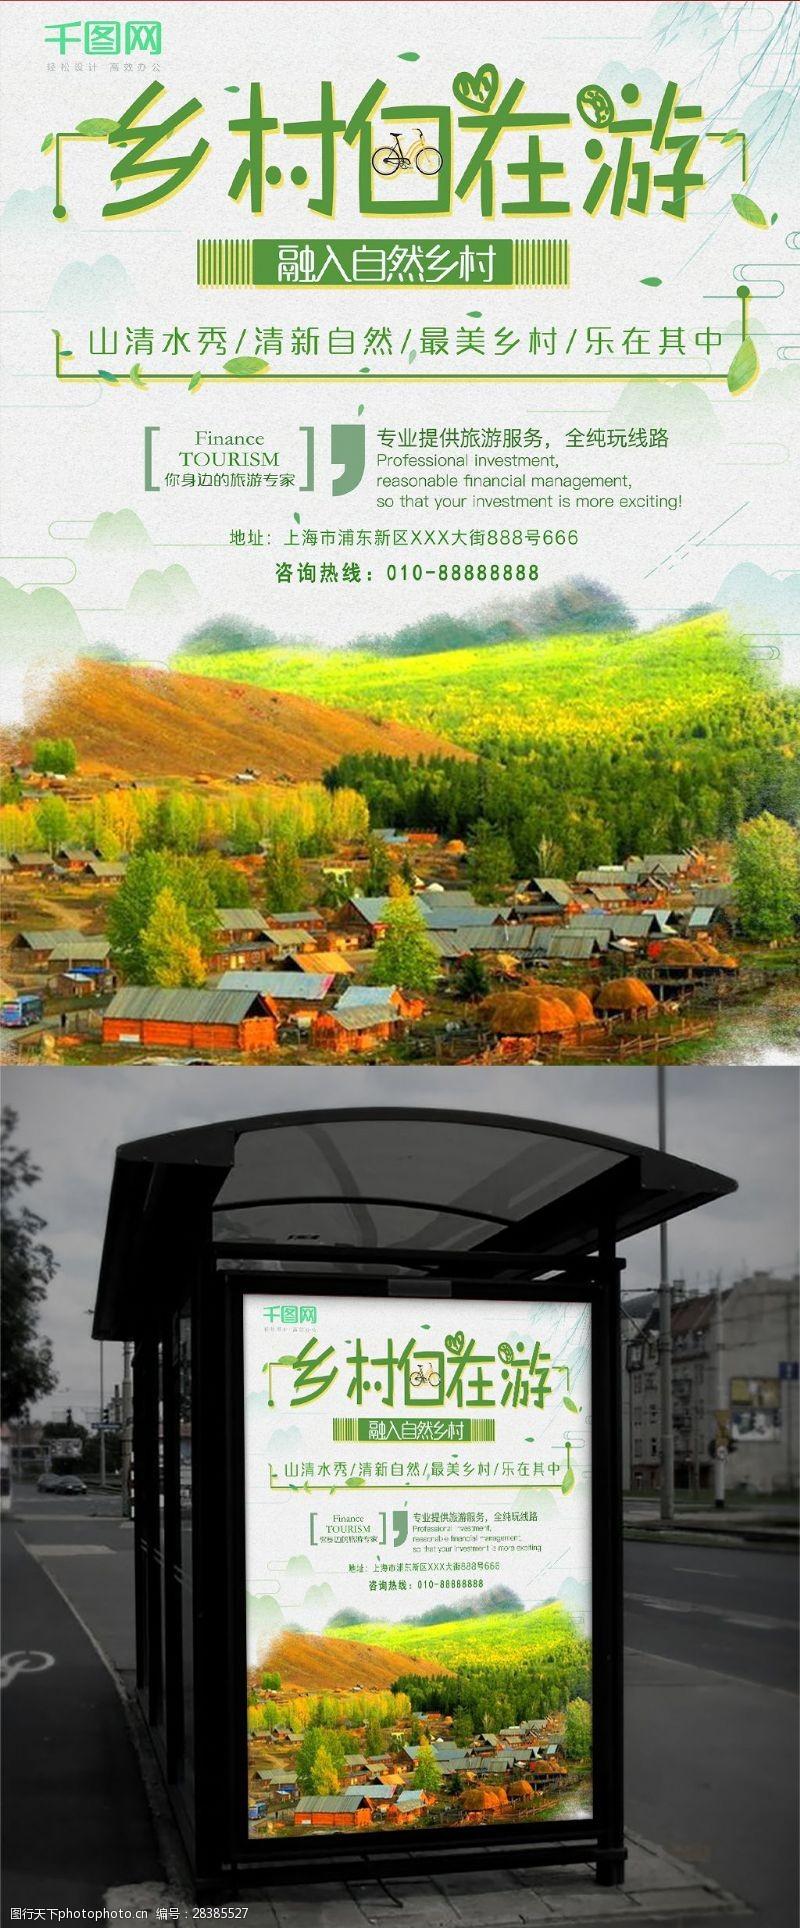 农村旅行简洁清新最美乡村旅游海报